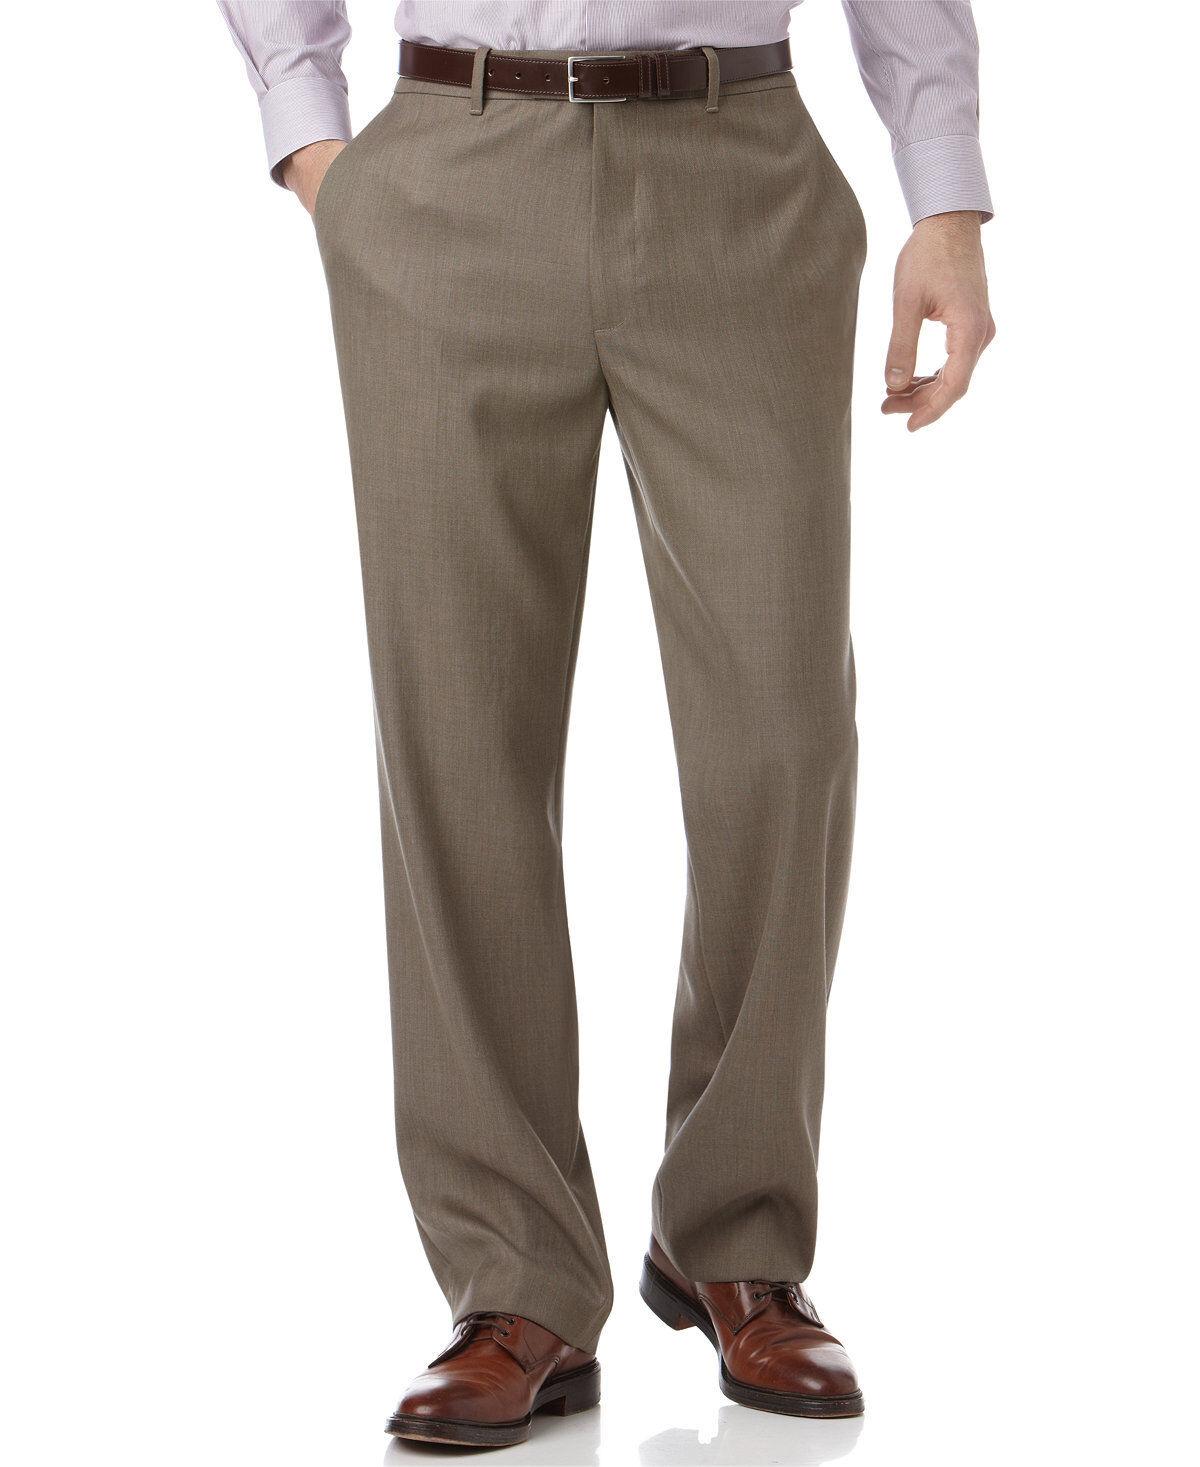 PERRY ELLIS PORTFOLIO men BROWN FLAT FRONT FIT SUIT DRESS PANTS 38 W 30 L